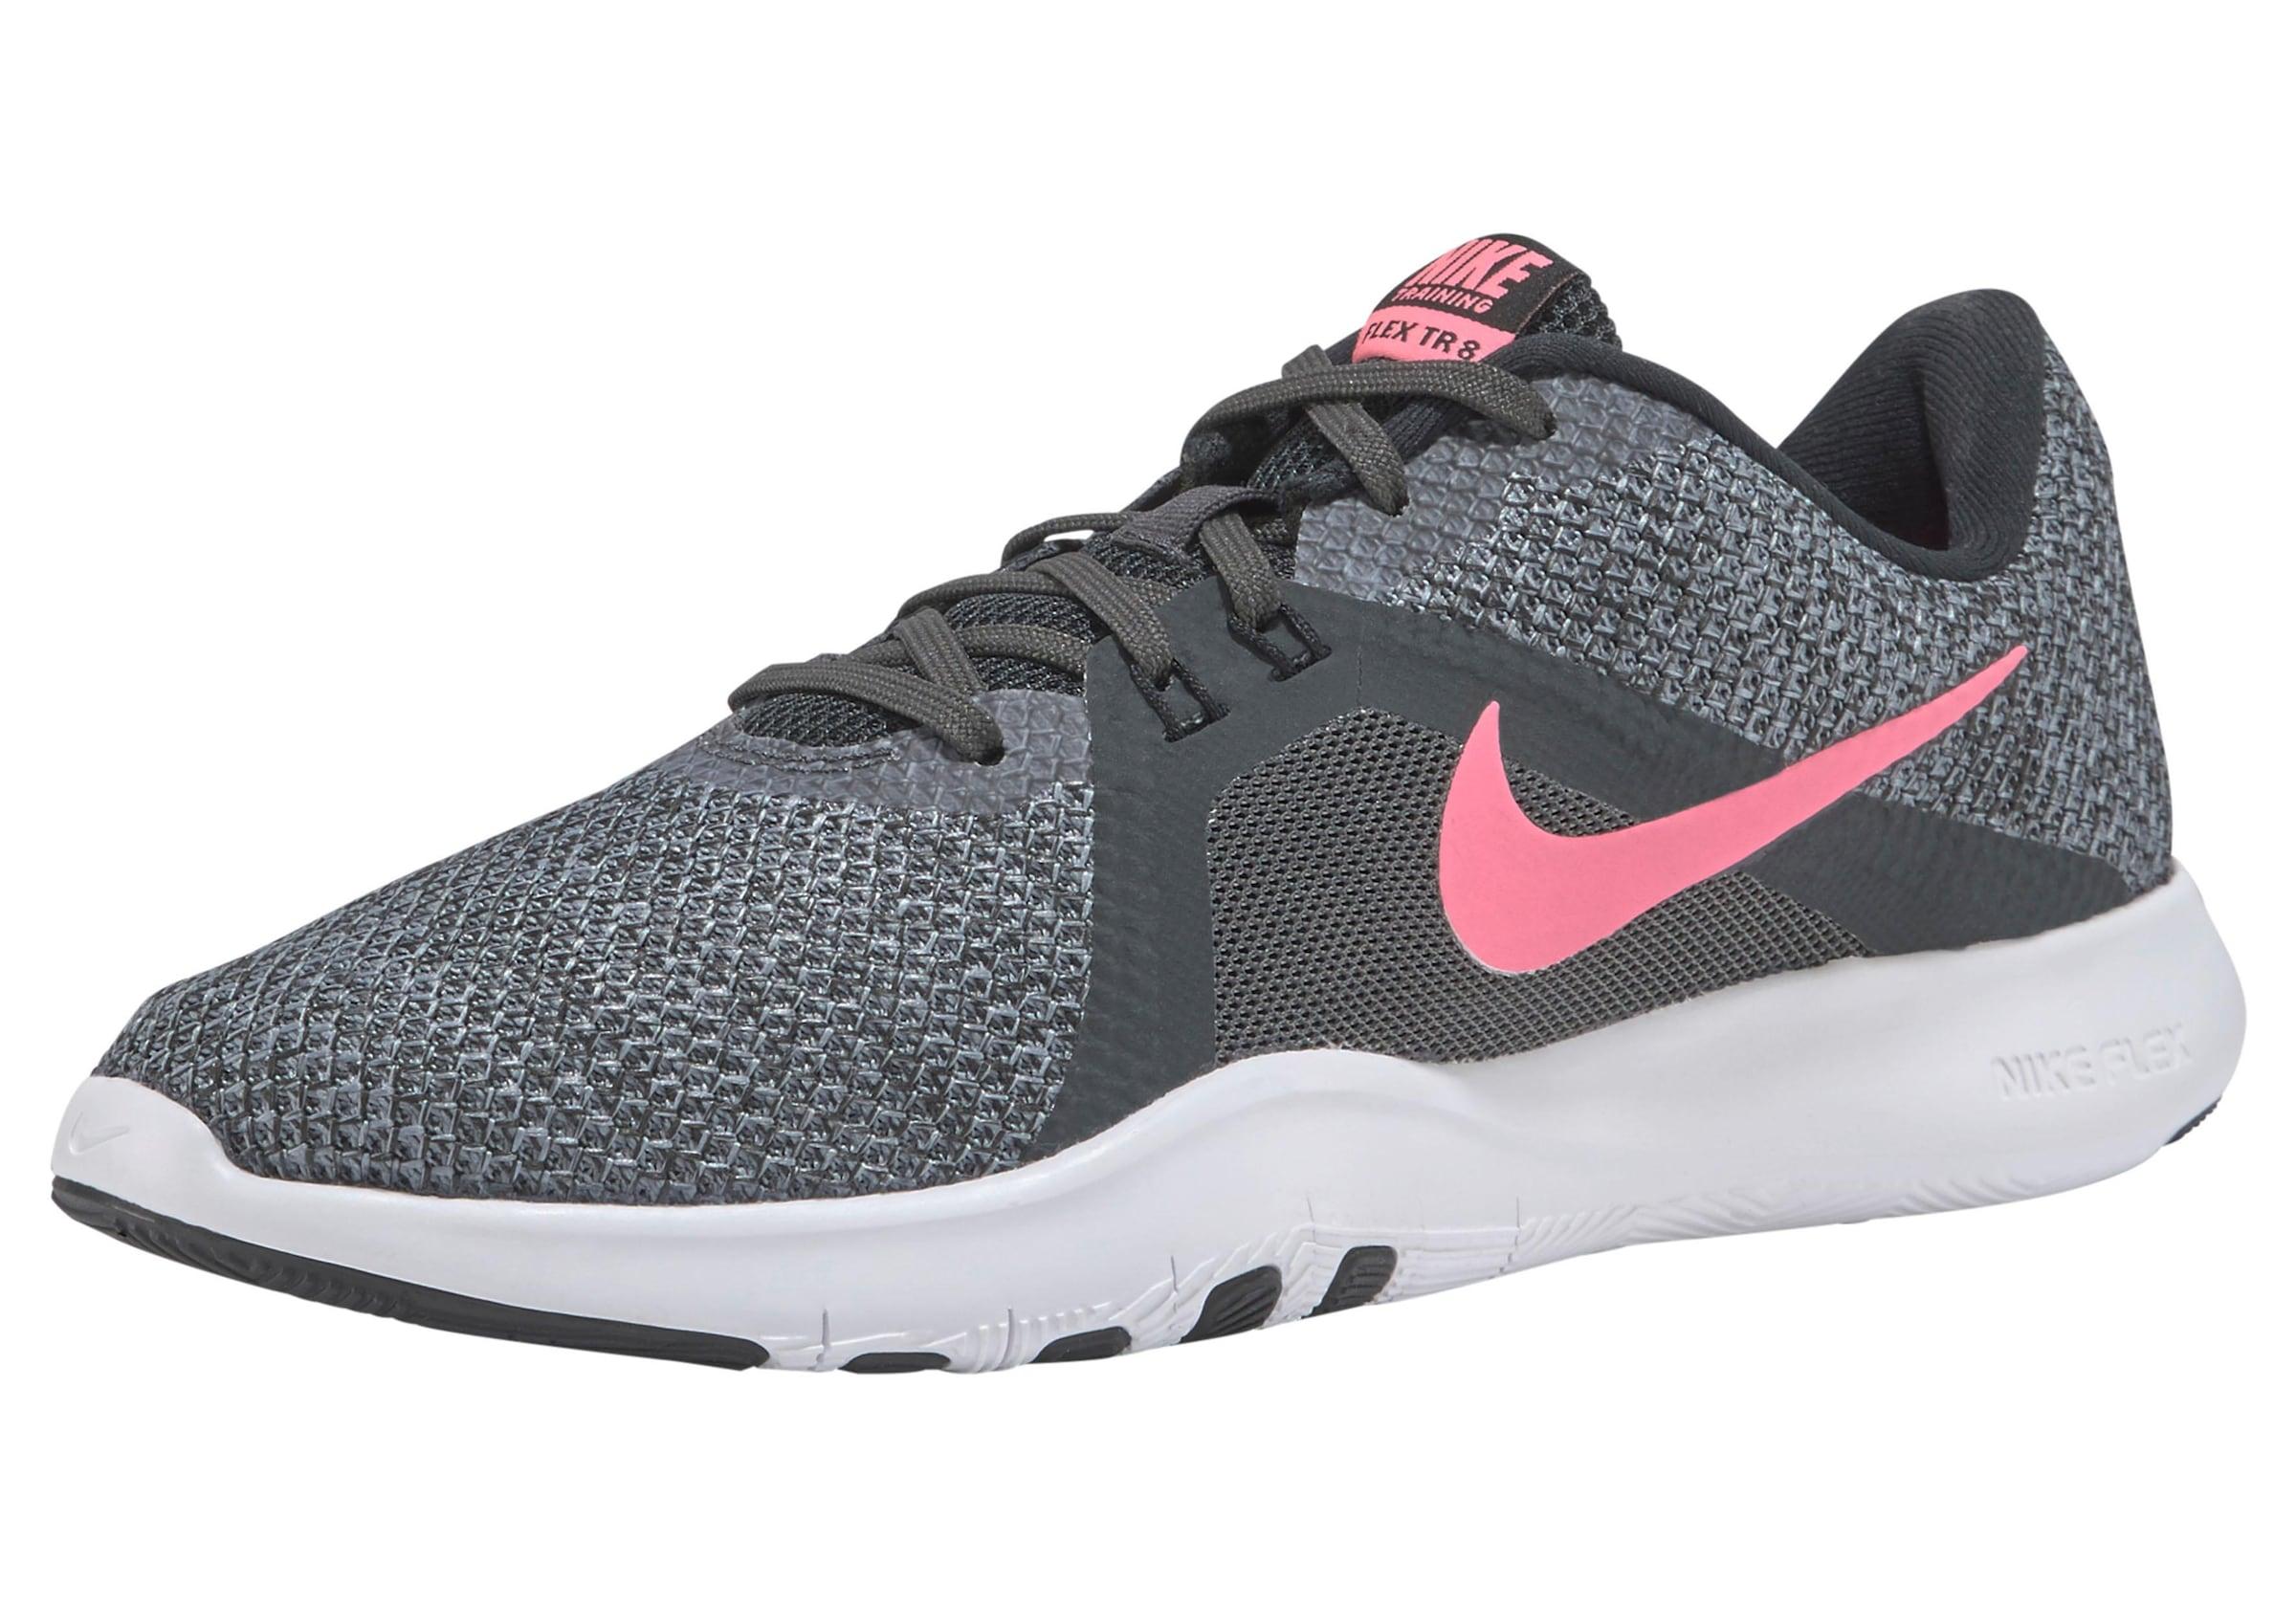 Nike Fitnessschuh »Wmns Flex Trainer 8« günstig kaufen | BAUR